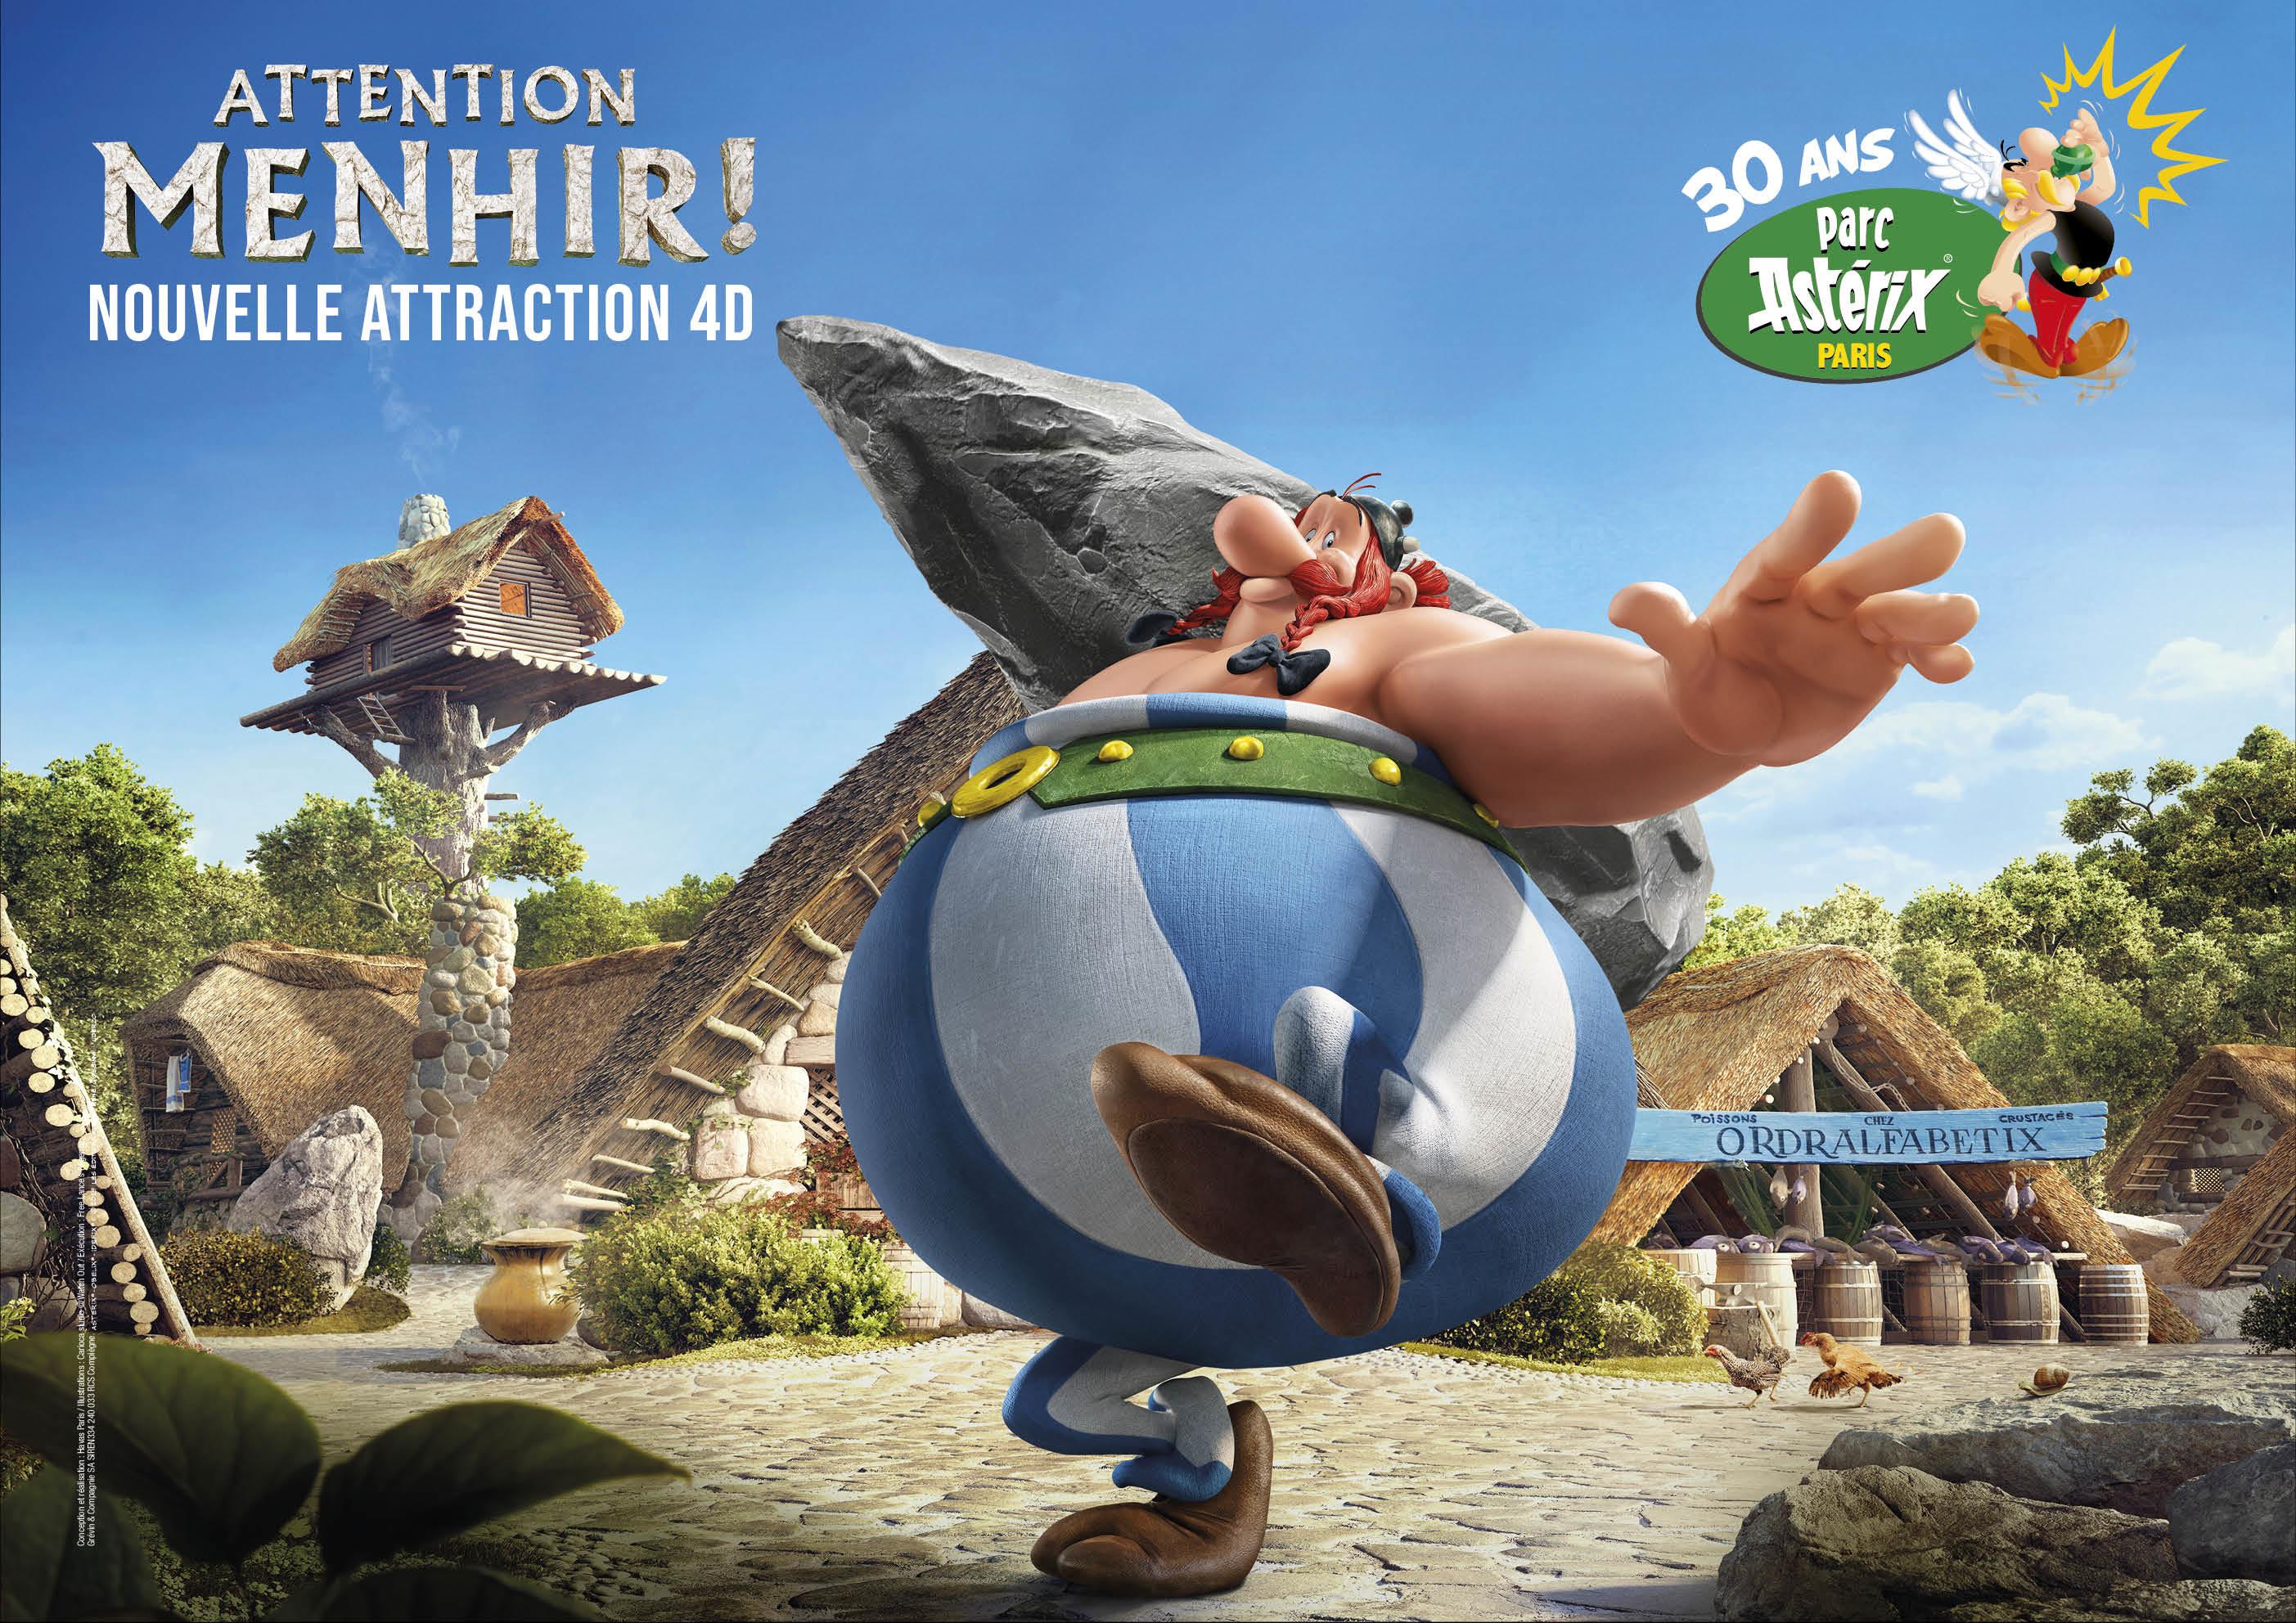 Jeu concours  : Le Parc Astérix fête ses 30 ans !